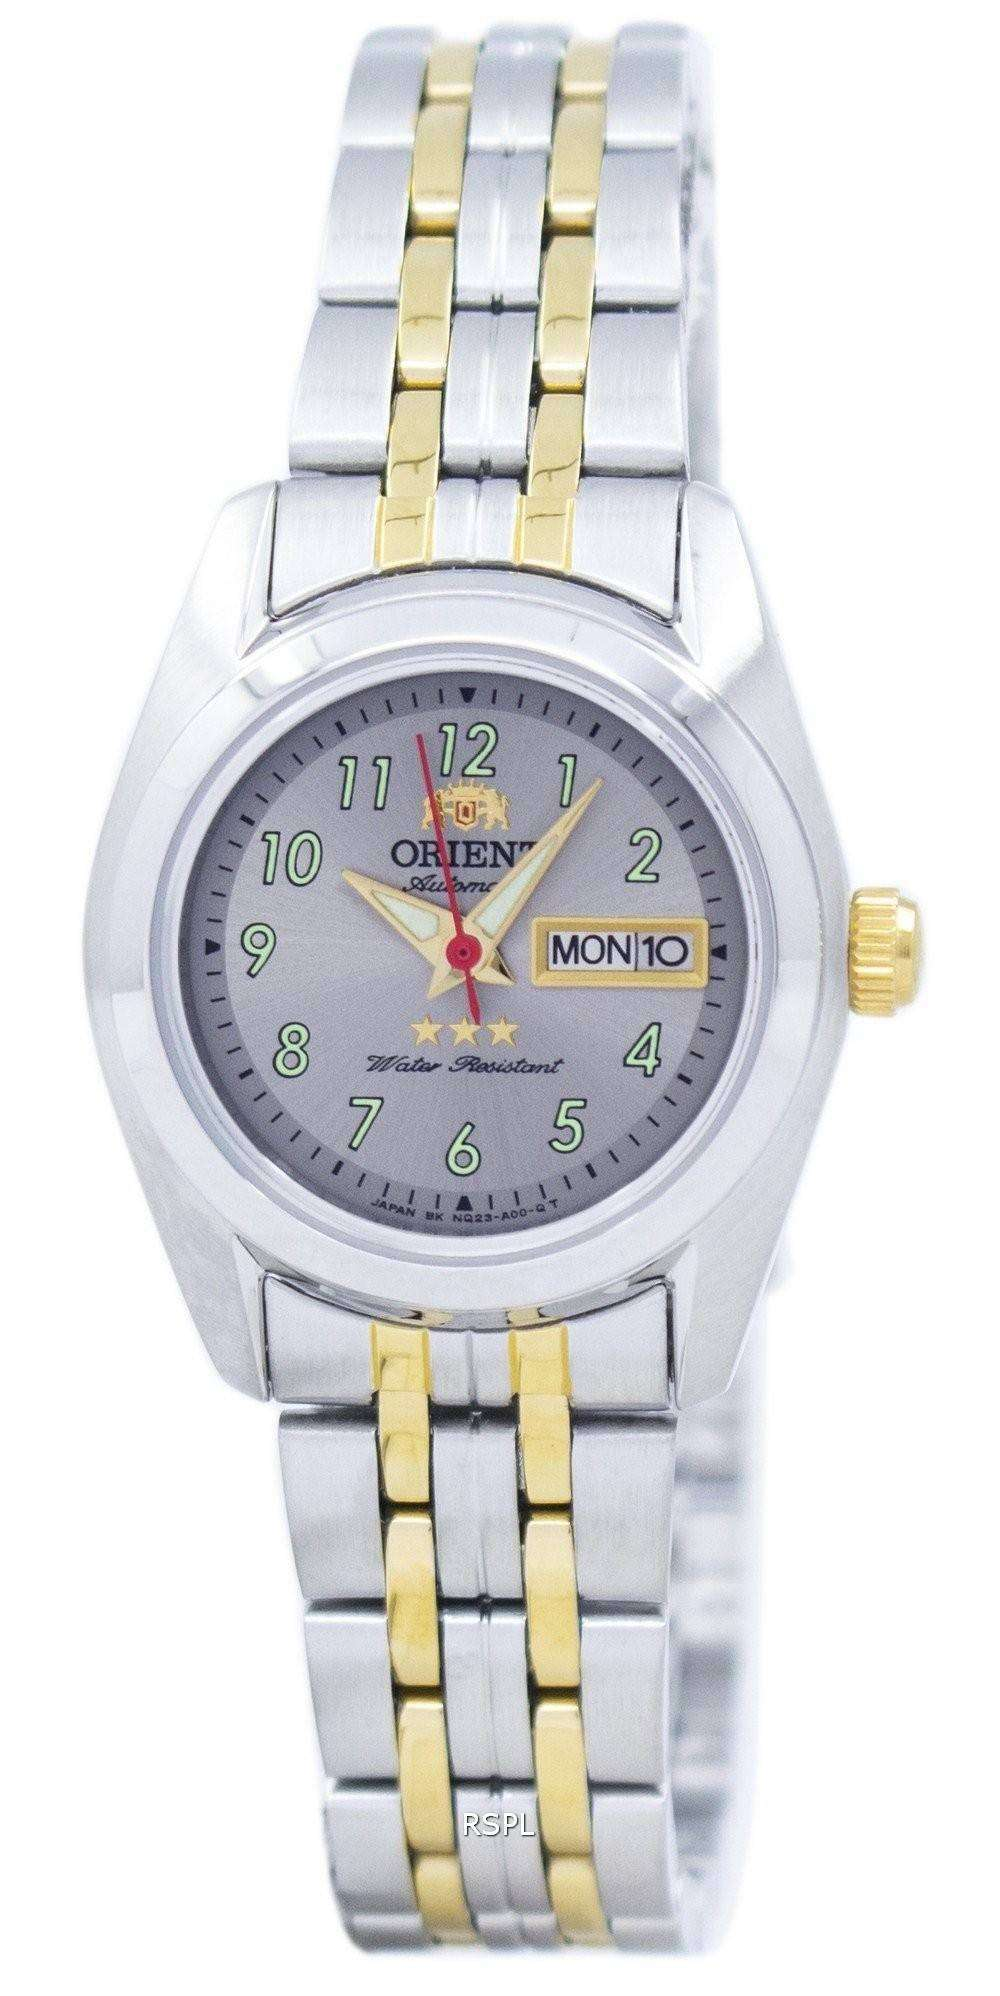 SNQ23004K8 レディース腕時計 orient 自動日本